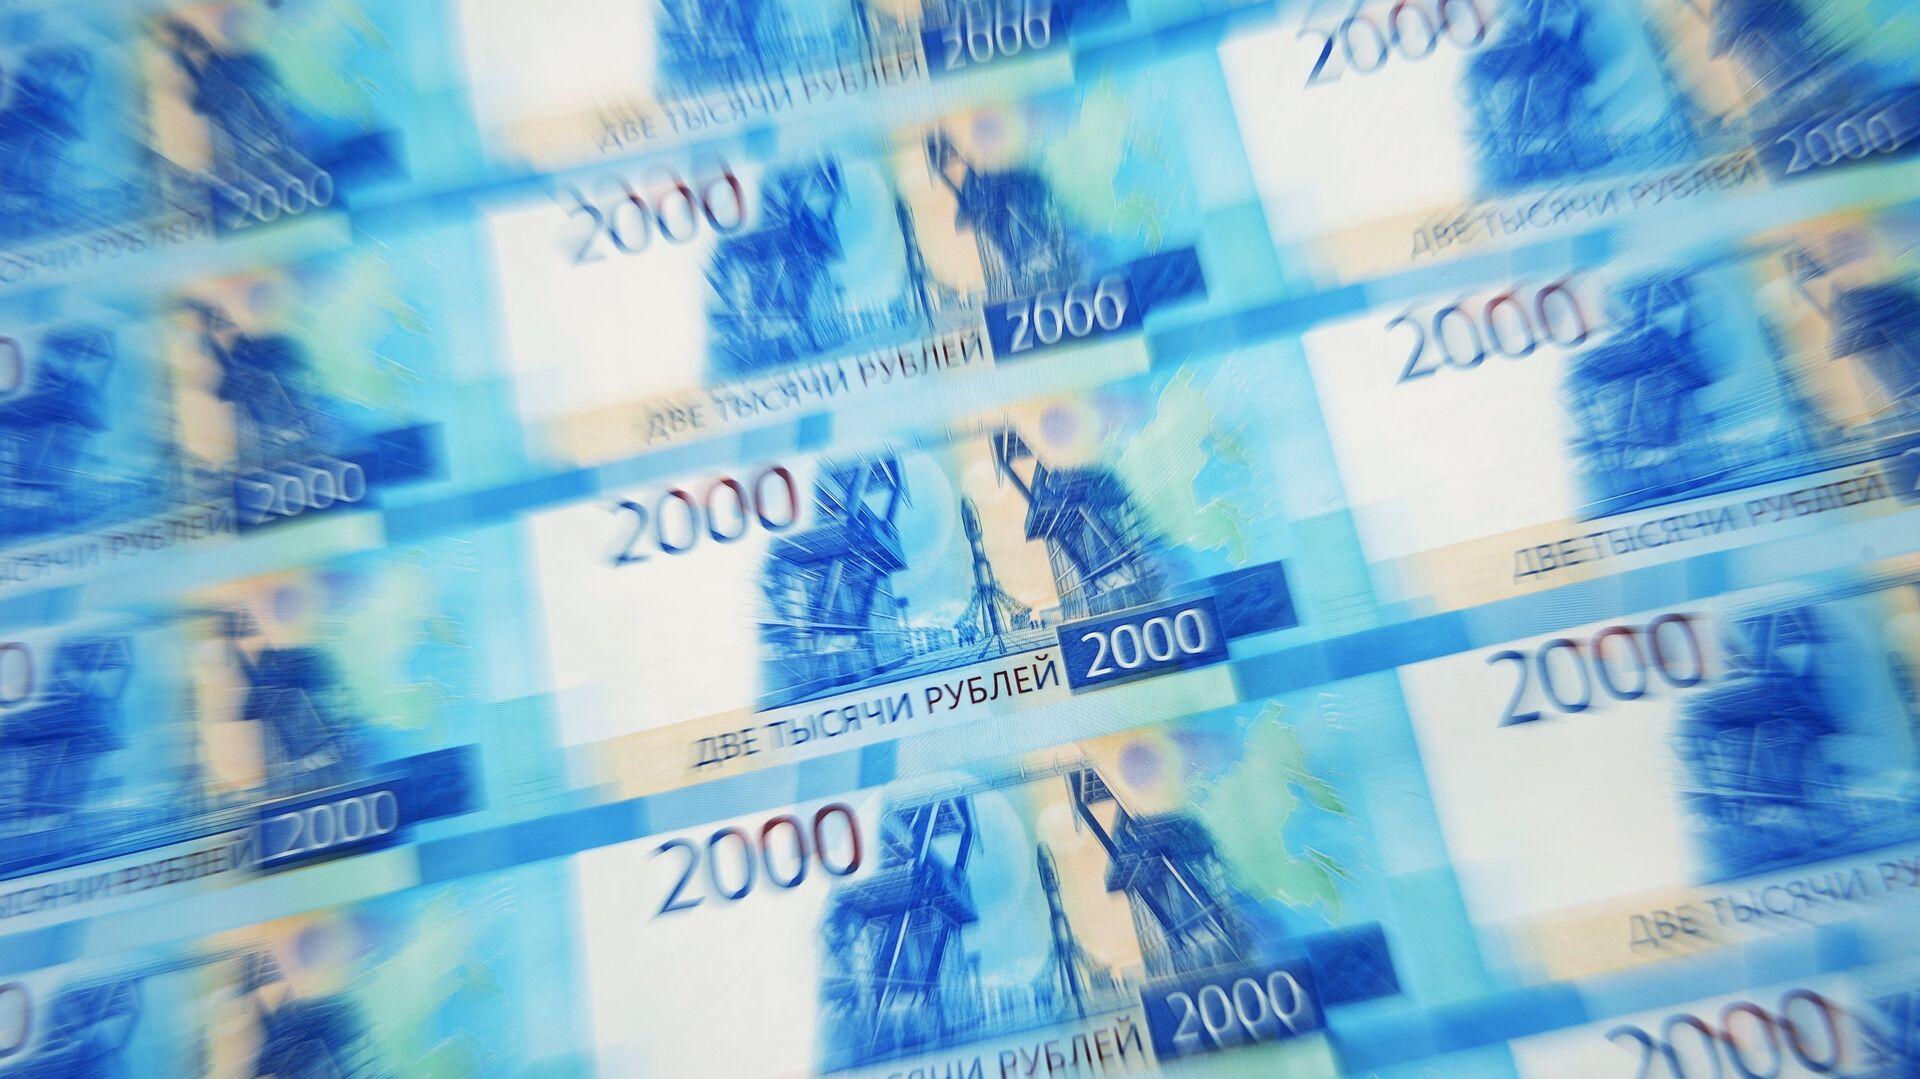 Листы с денежными купюрами номиналом 2000 рублей - РИА Новости, 1920, 29.06.2021